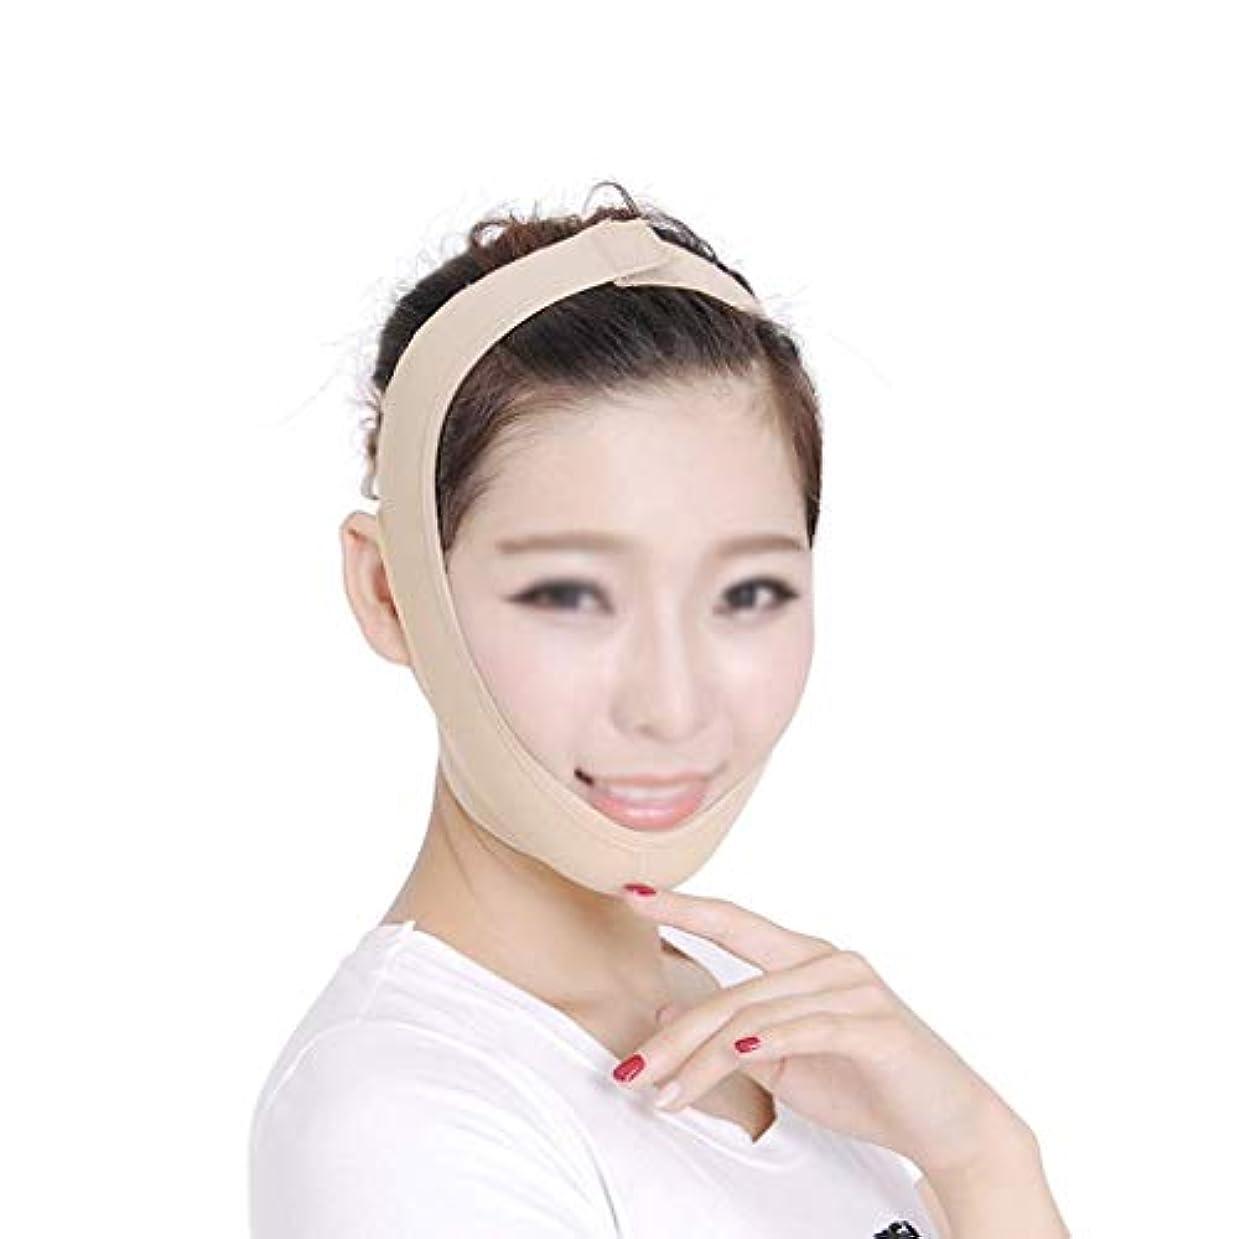 証明手配するフェイシャル減量マスクリフティングフェイス、フェイスマスク、減量包帯を除去するためのダブルチン、フェイシャルリフティング包帯、ダブルチンを減らすためのリフティングベルト(カラー:ブラック、サイズ:M),イエローピンク、L